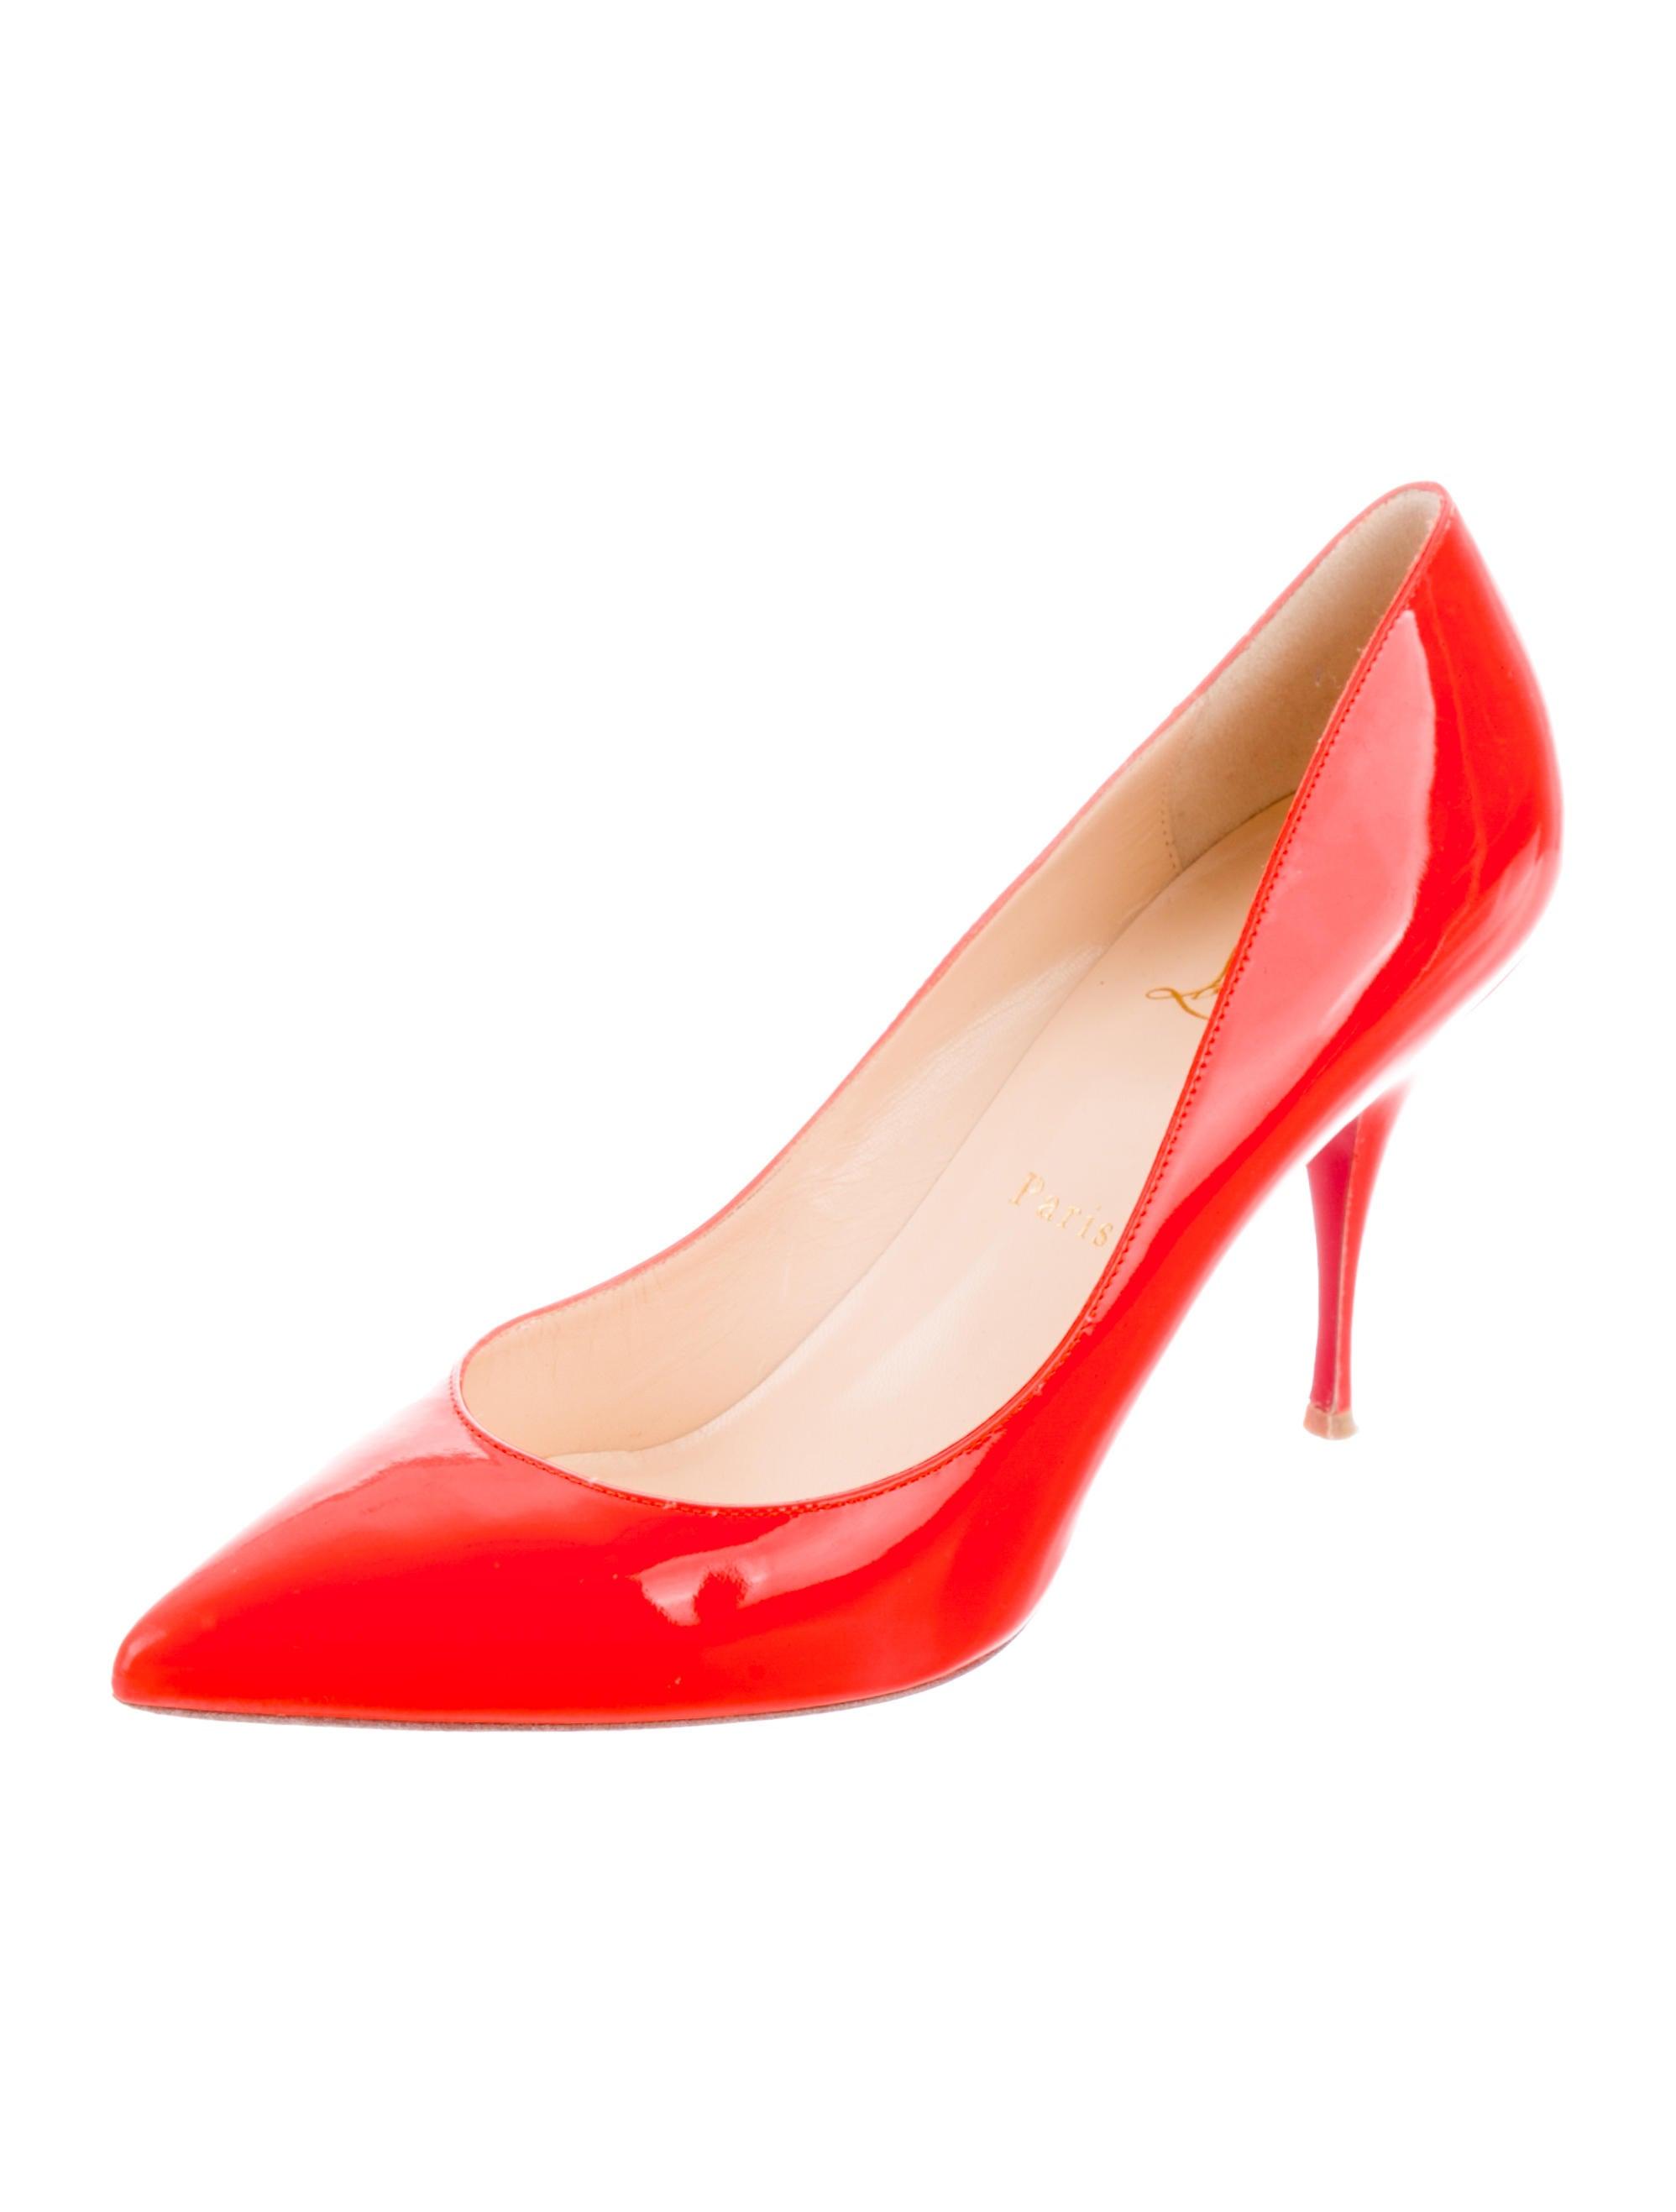 08e7375ff174 Christian Louboutin Piou Piou 85 Pumps - Shoes - CHT94500